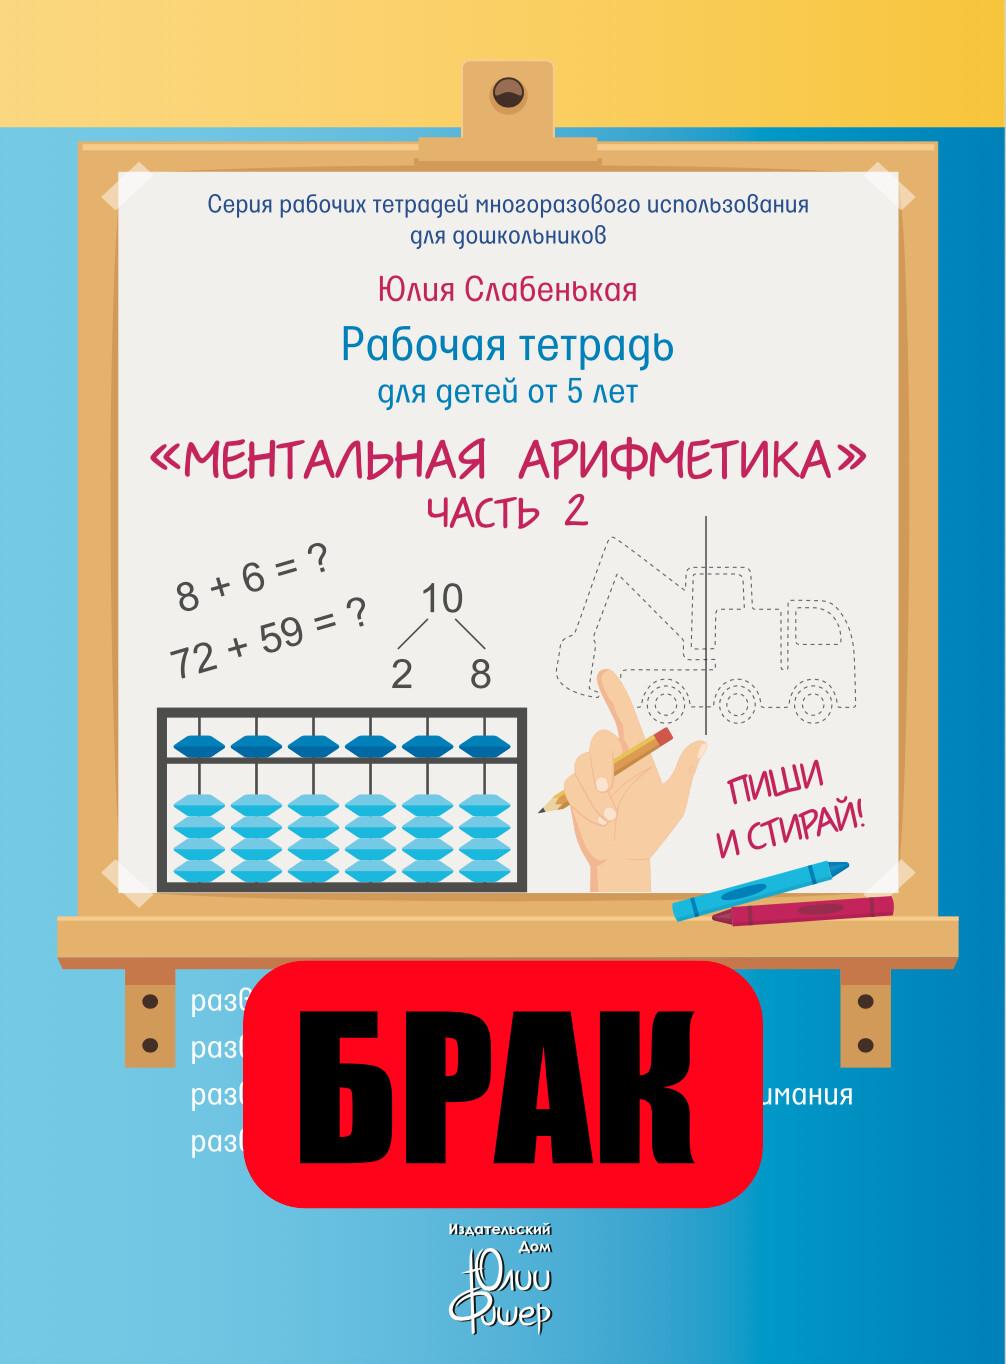 БРАК. «Ментальная арифметика». Часть 2. Для детей от 5 лет. Два маркера в комплекте (зелёные)